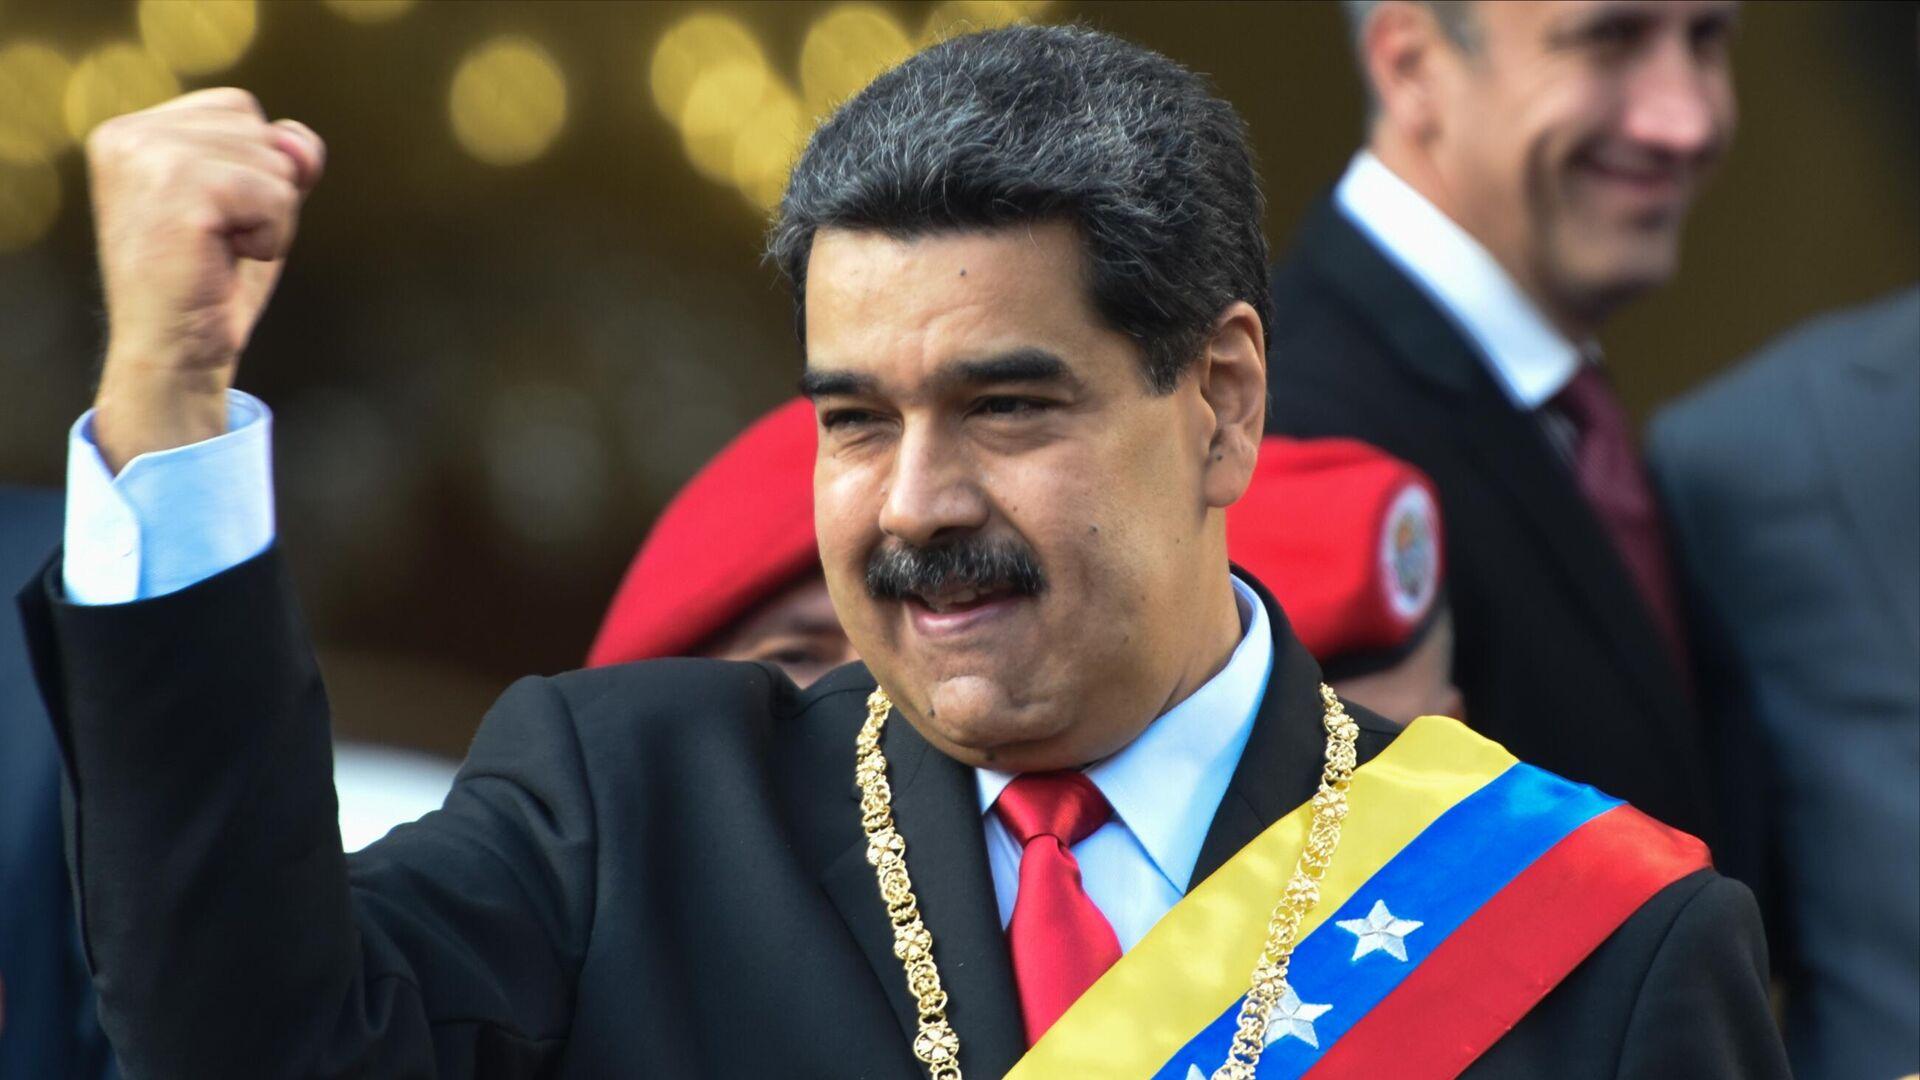 Президент Венесуэлы Николас Мадуро во время акции протеста против санкционной политики США на одной из улиц Каракаса - РИА Новости, 1920, 04.12.2020